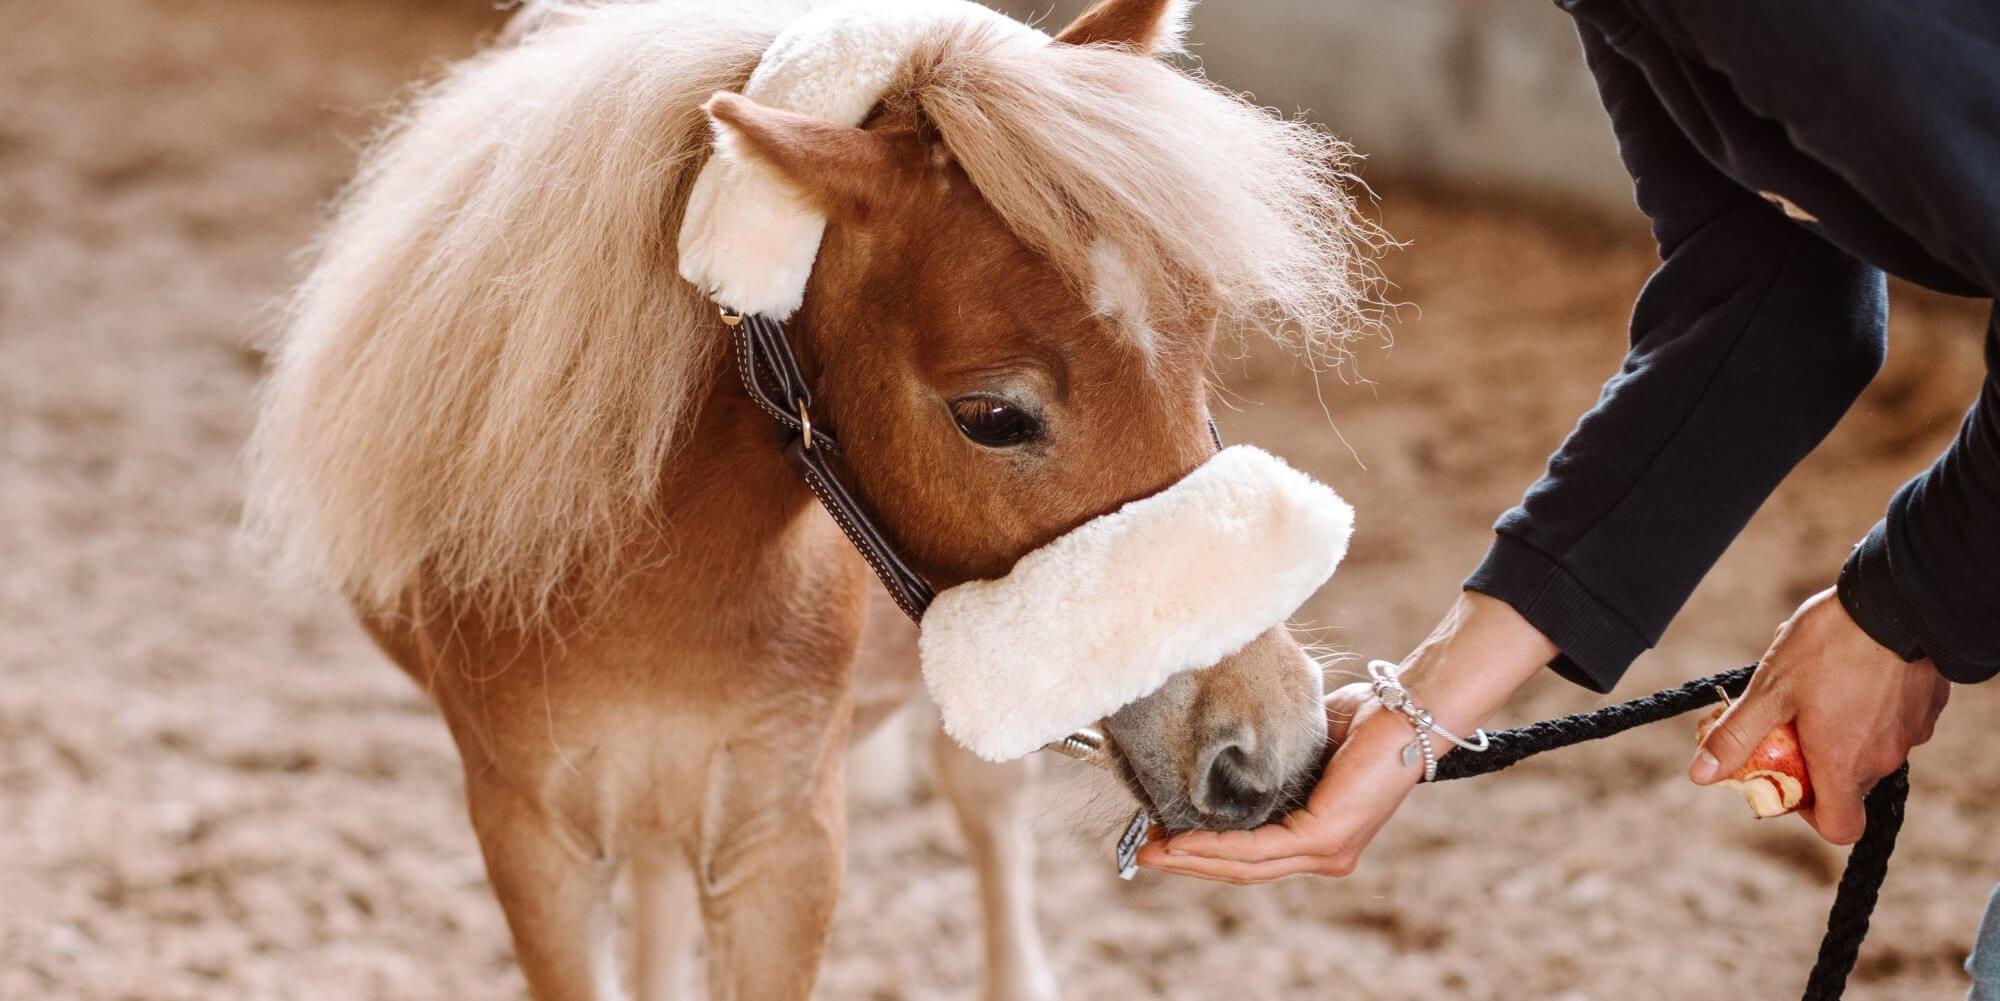 Pferdeleckerlis: Dein Pferd gesund verwöhnen